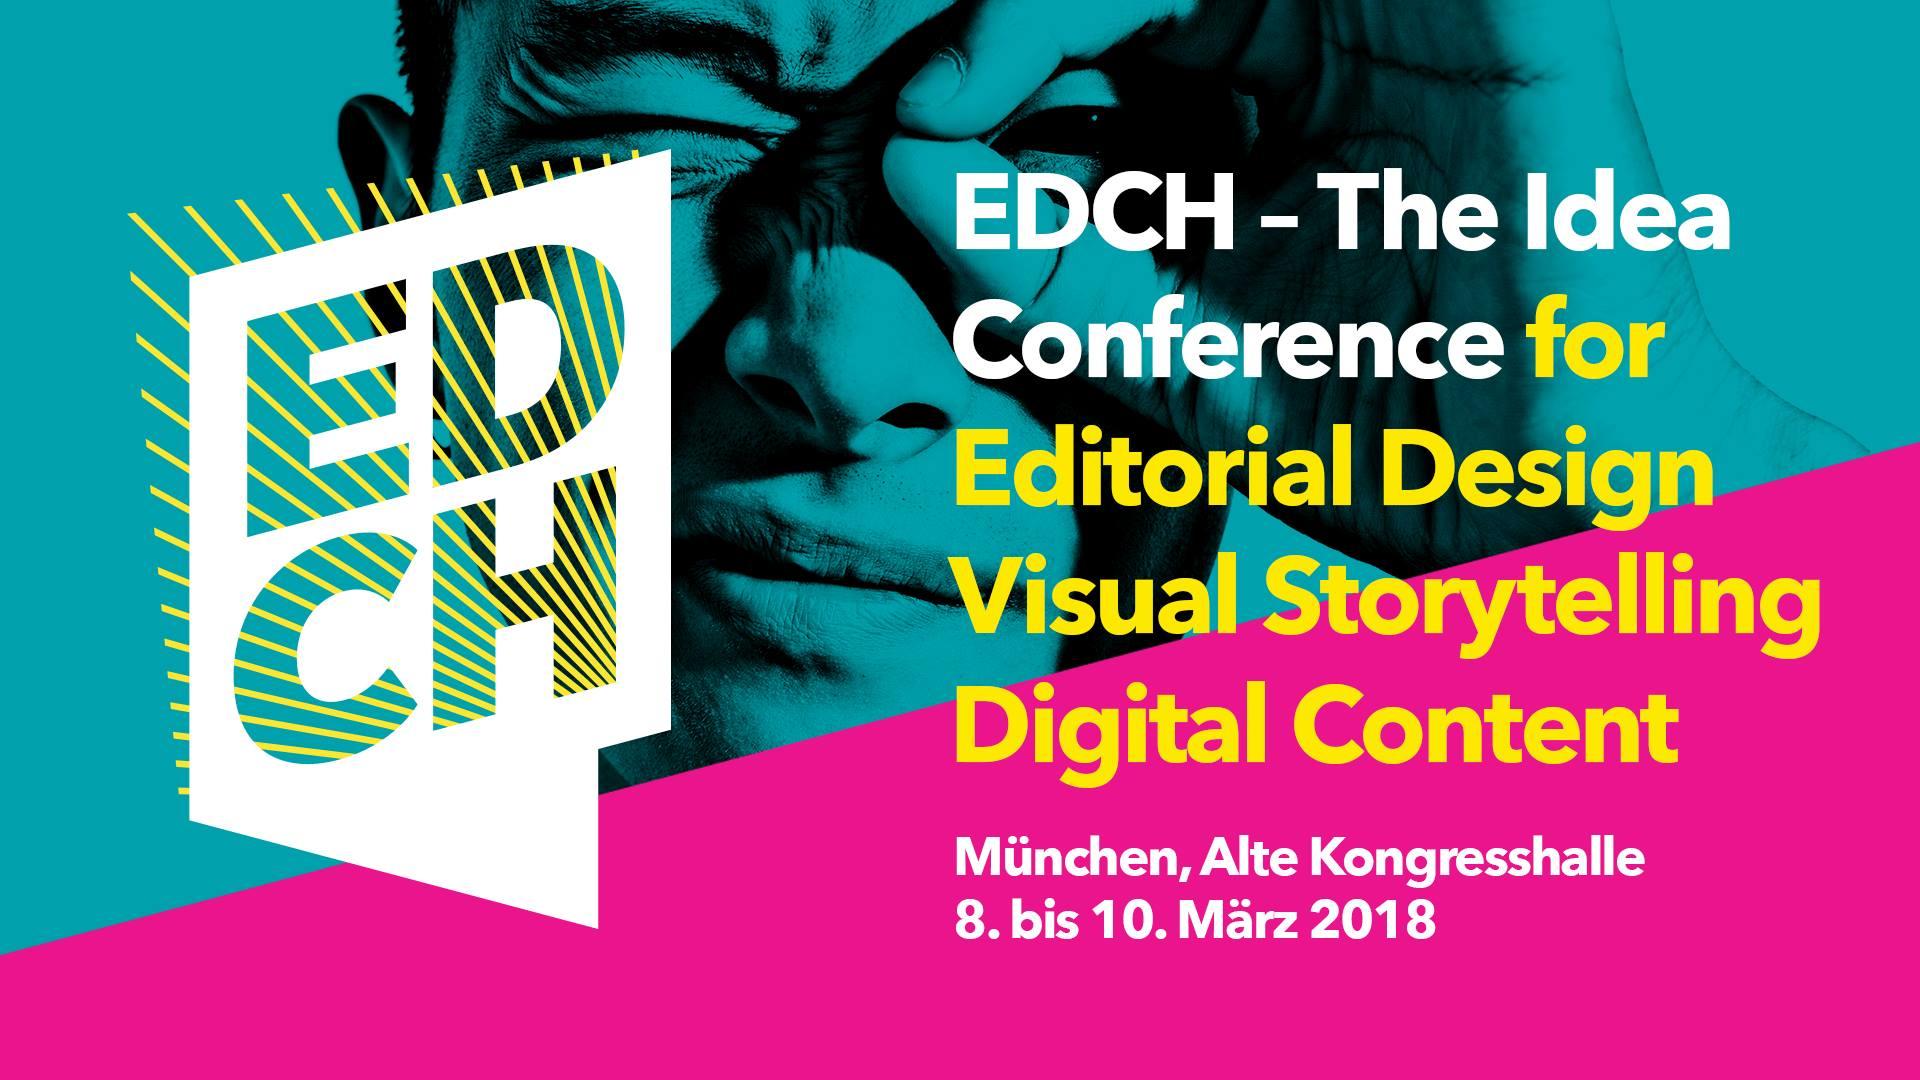 EDCH 2018 – The Idea Conference